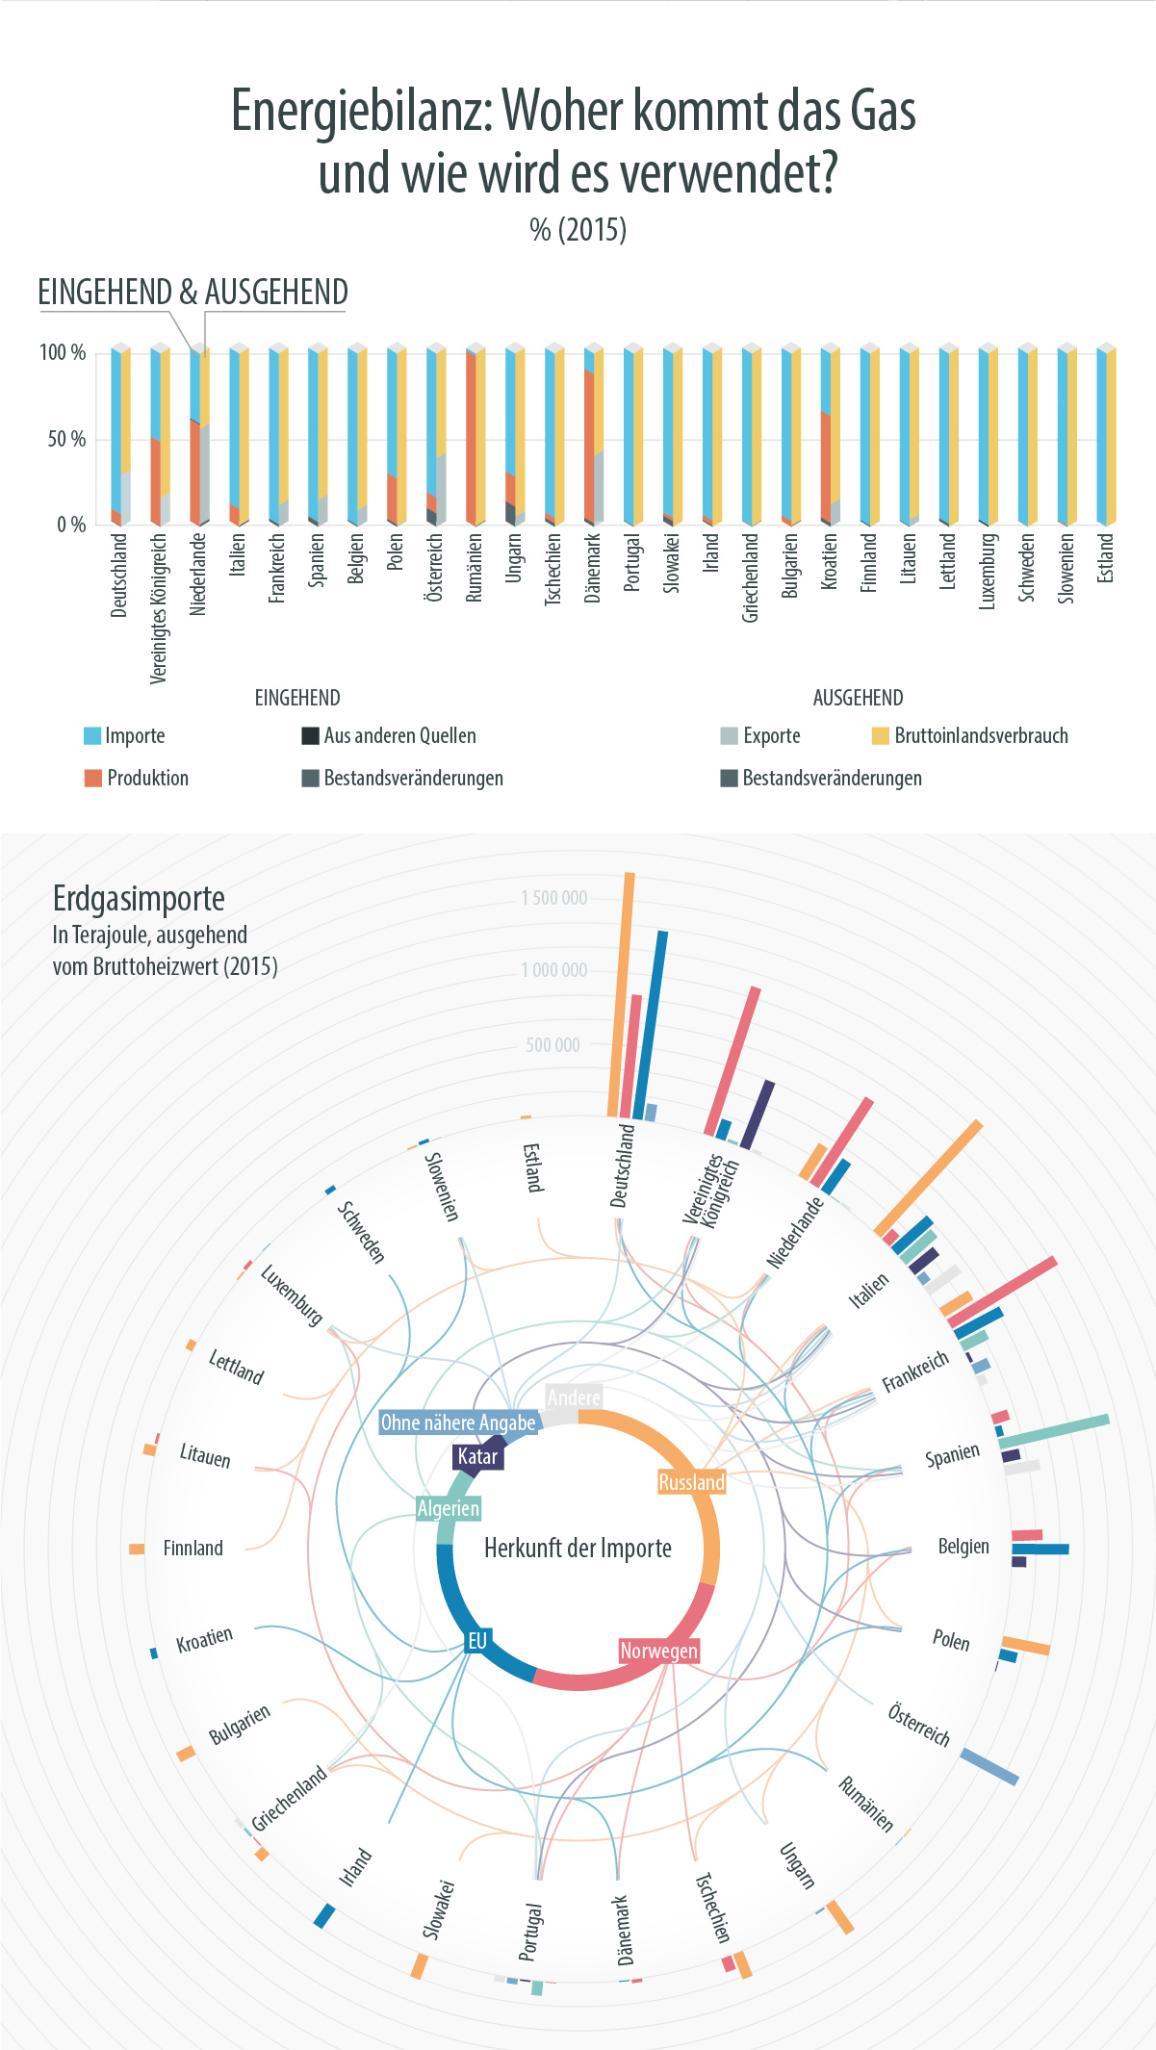 Infografik: Energiebilanz per Mitgliedstaat